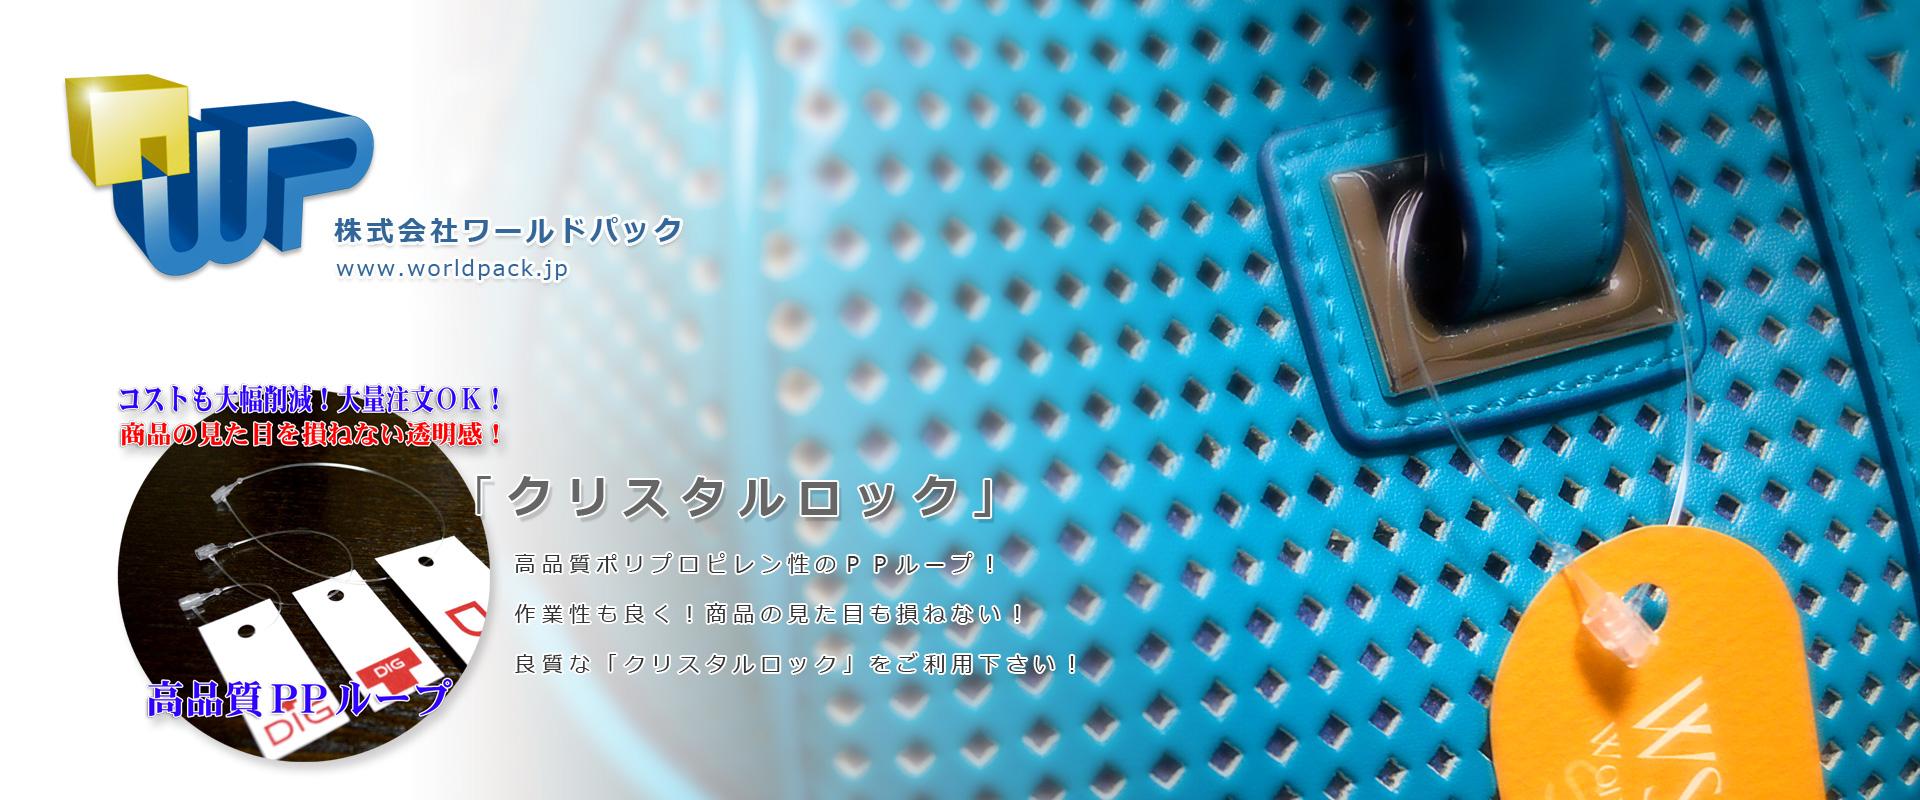 タグの取付結束なら「クリスタルロック」 小ロット販売 株式会社ワールドパック 東京、神奈川、埼玉、千葉、茨城、群馬、栃木